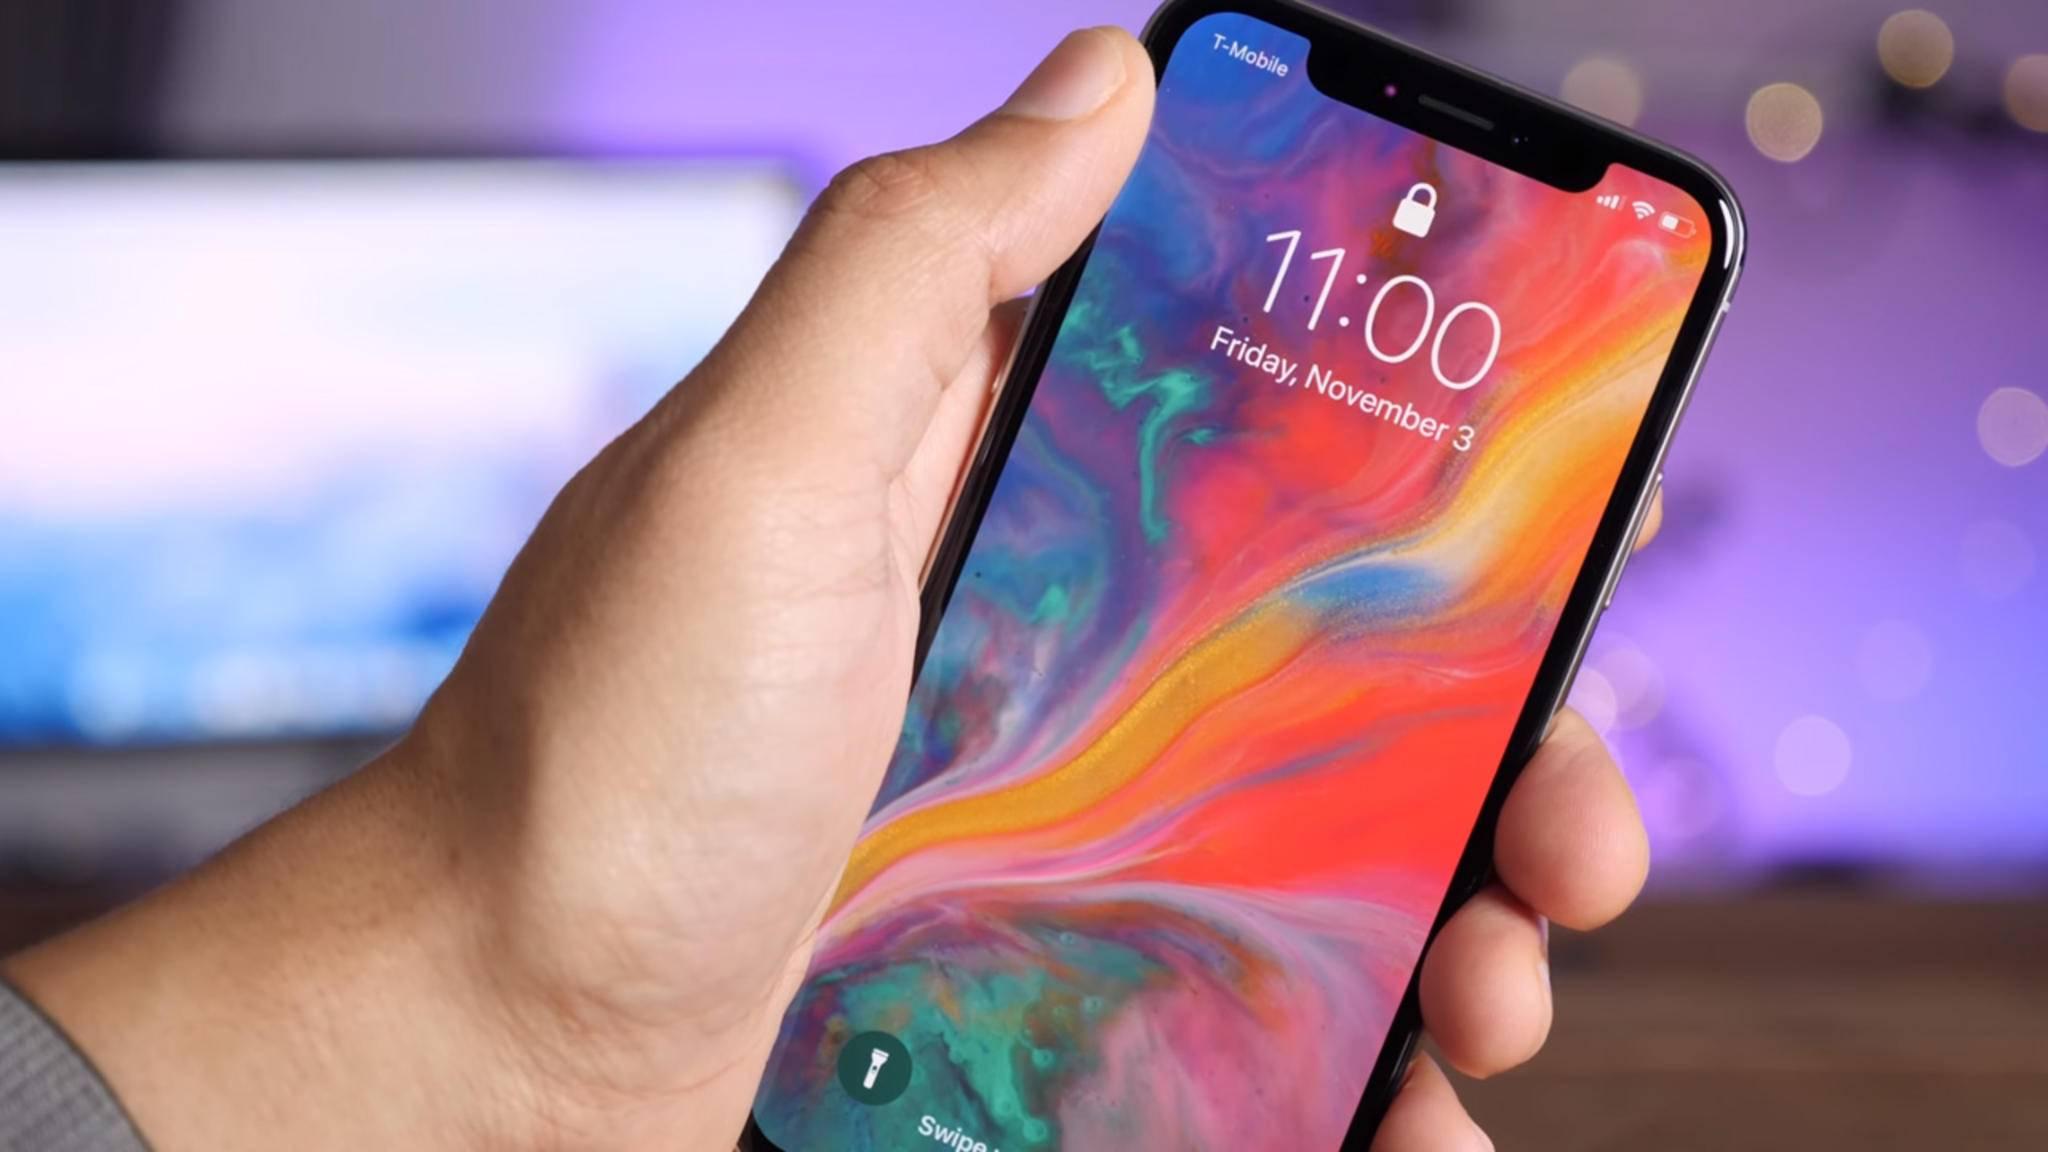 iPhone-Nutzer berichten, dass ihr Smartphone bei bestimmten Benachrichtigungen abstürzt.